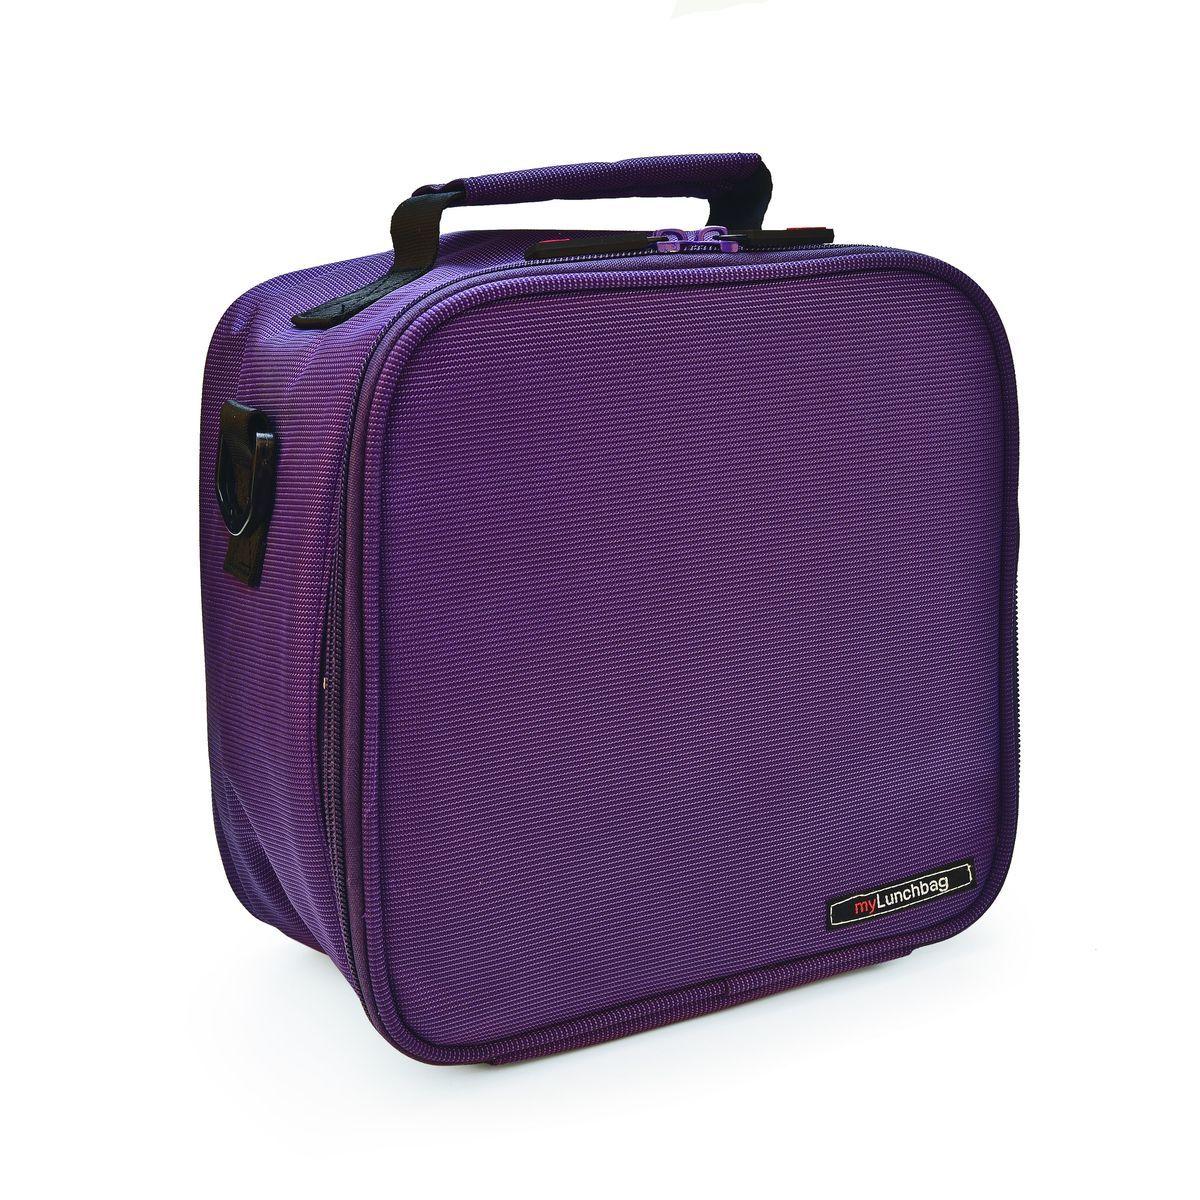 Ланч-бокс Iris Basic MyLunchbag, цвет: фиолетовый, 3,8 лVT-1520(SR)Ланч-бокс Iris Basic MyLunchbag выполнен из высококачественного полиэстера и закрывается на застежку-молнию. Он отлично сохраняет свежесть и вкус продукта на несколько часов. Пригодится везде: на прогулке, на работе, учебе. С ним легко справится даже ребенок! Внутри имеется удобный сетчатый кармашек для аксессуаров, а также регулируемый ремень и ручка для переноски. Рекомендуется регулярно стирать сумку вручную в теплой воде с мылом.